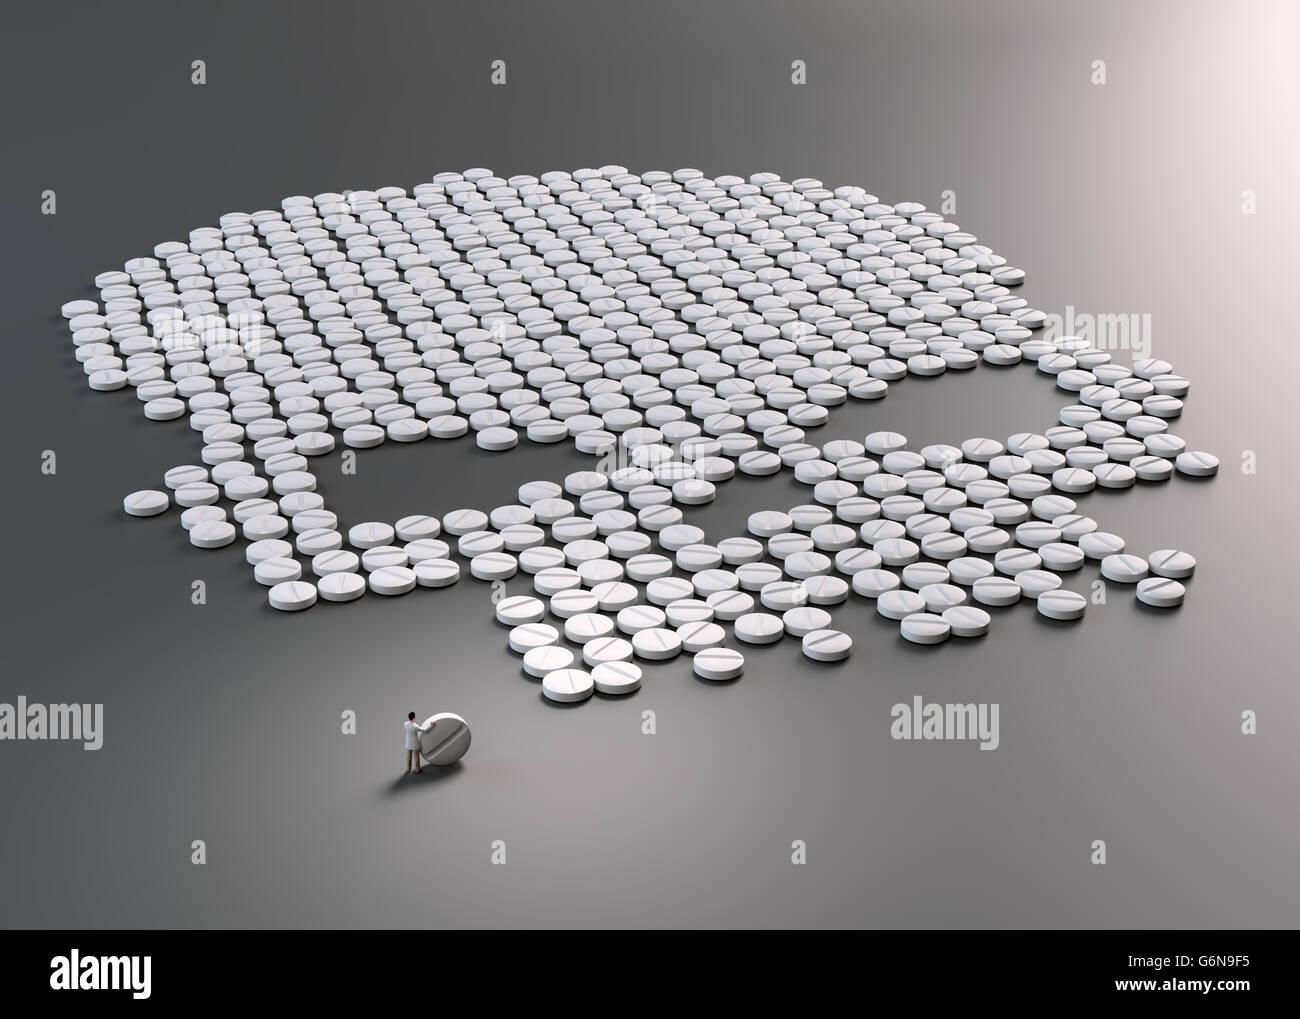 Pills formando una calavera símbolo - el uso indebido de drogas concepto ilustración 3D Imagen De Stock